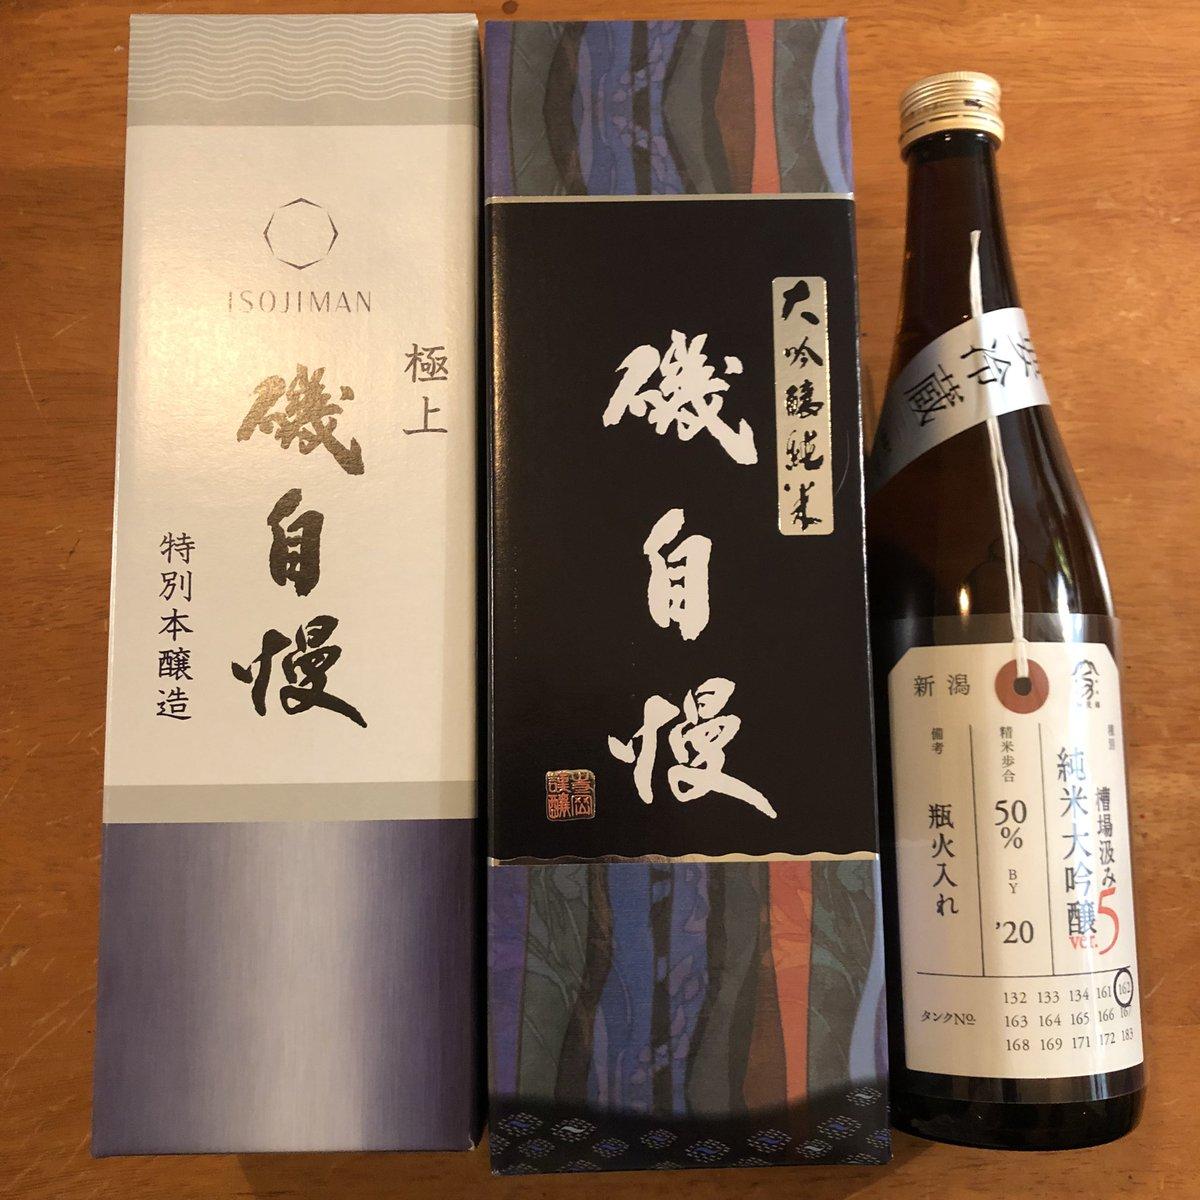 test ツイッターメディア - しっかし入るのに勇気のいる店やったな。  店なのか家なのかなんなのか。www  俺を日本酒の沼に誘った磯自慢。 ここらで唯一の特約店。  あー勇気出してよかった!w  置いてある日本酒僕好みでNICE♪  磯自慢特別本醸造 磯自慢エメラルド 加茂錦荷札酒ver.5  エメラルドは正月用かなw また買い行くか🏃♂️ https://t.co/OeDkkhNAaf